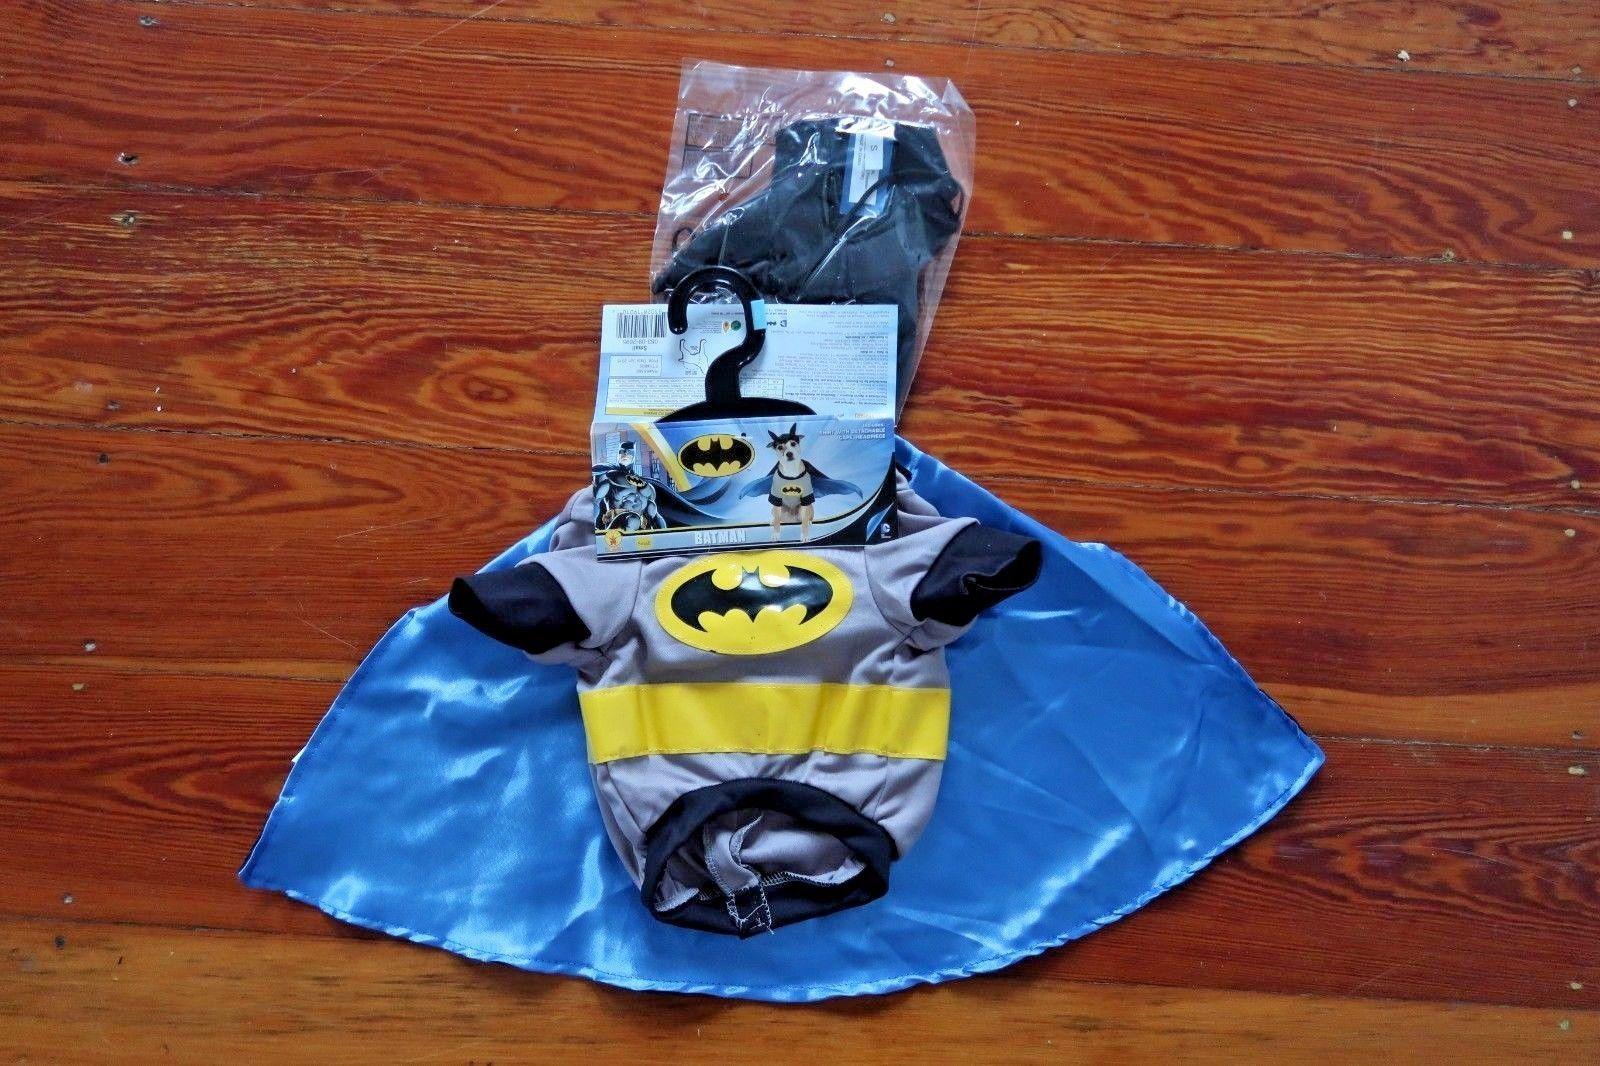 NEW Batman Pet Dog Costume Outfit Halloween Cape Superhero sizes S / M / L / XL